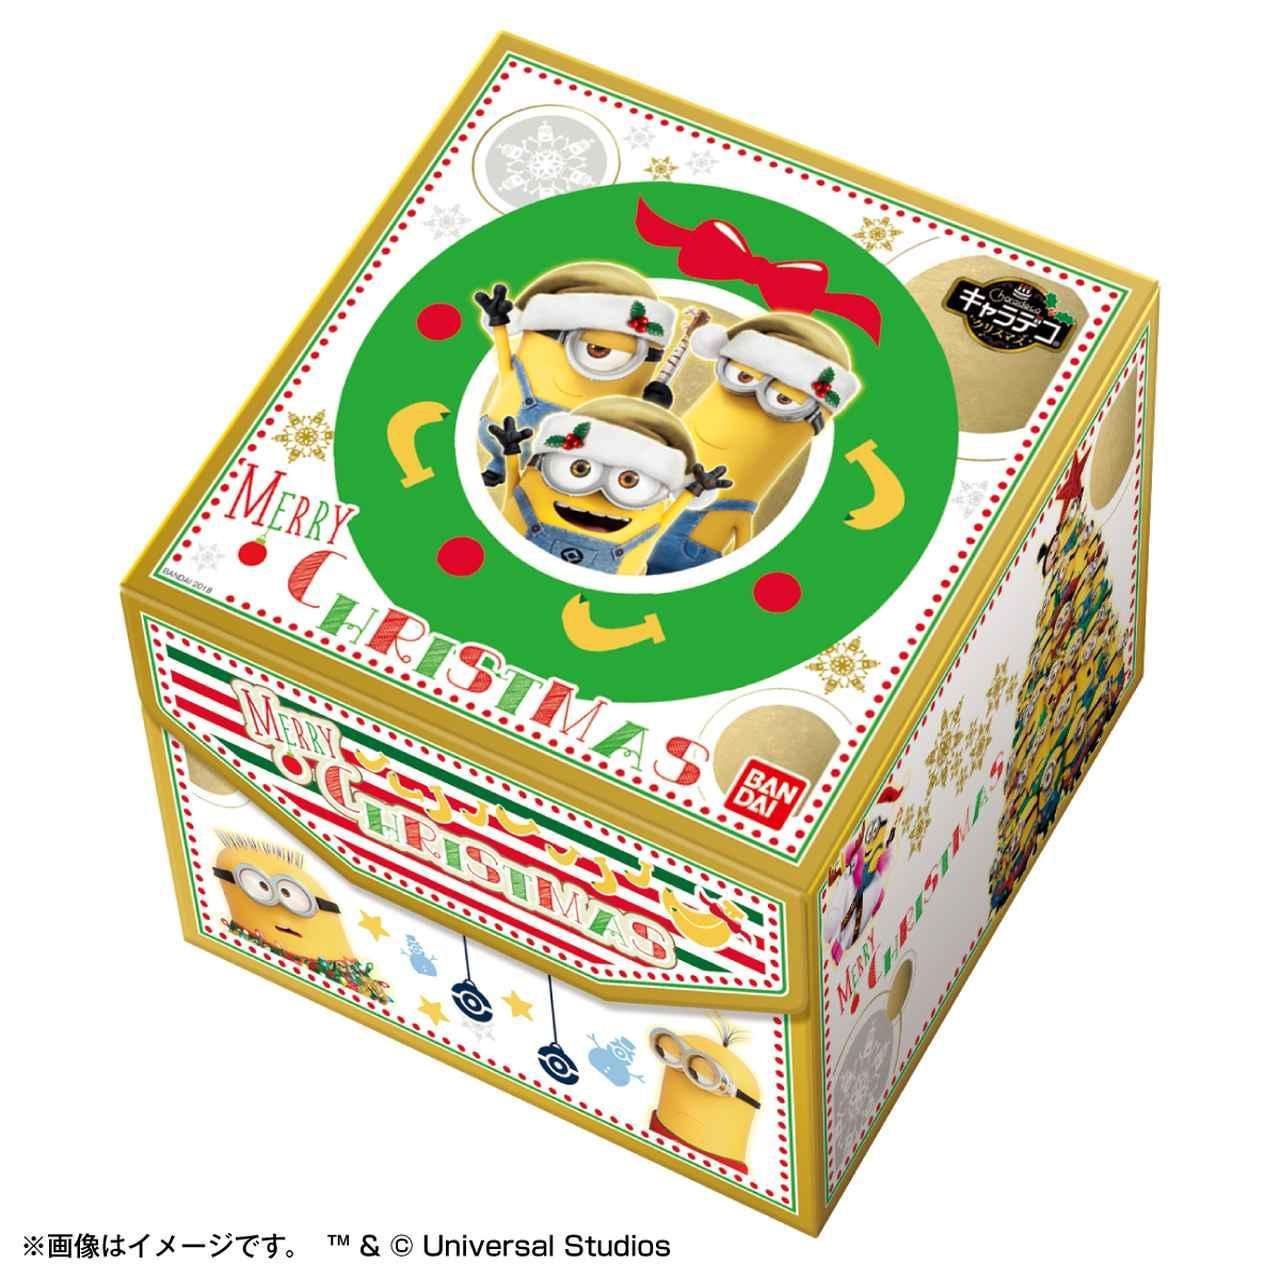 画像5: ミニオンのデコレーションが楽しめるクリスマスケーキが登場